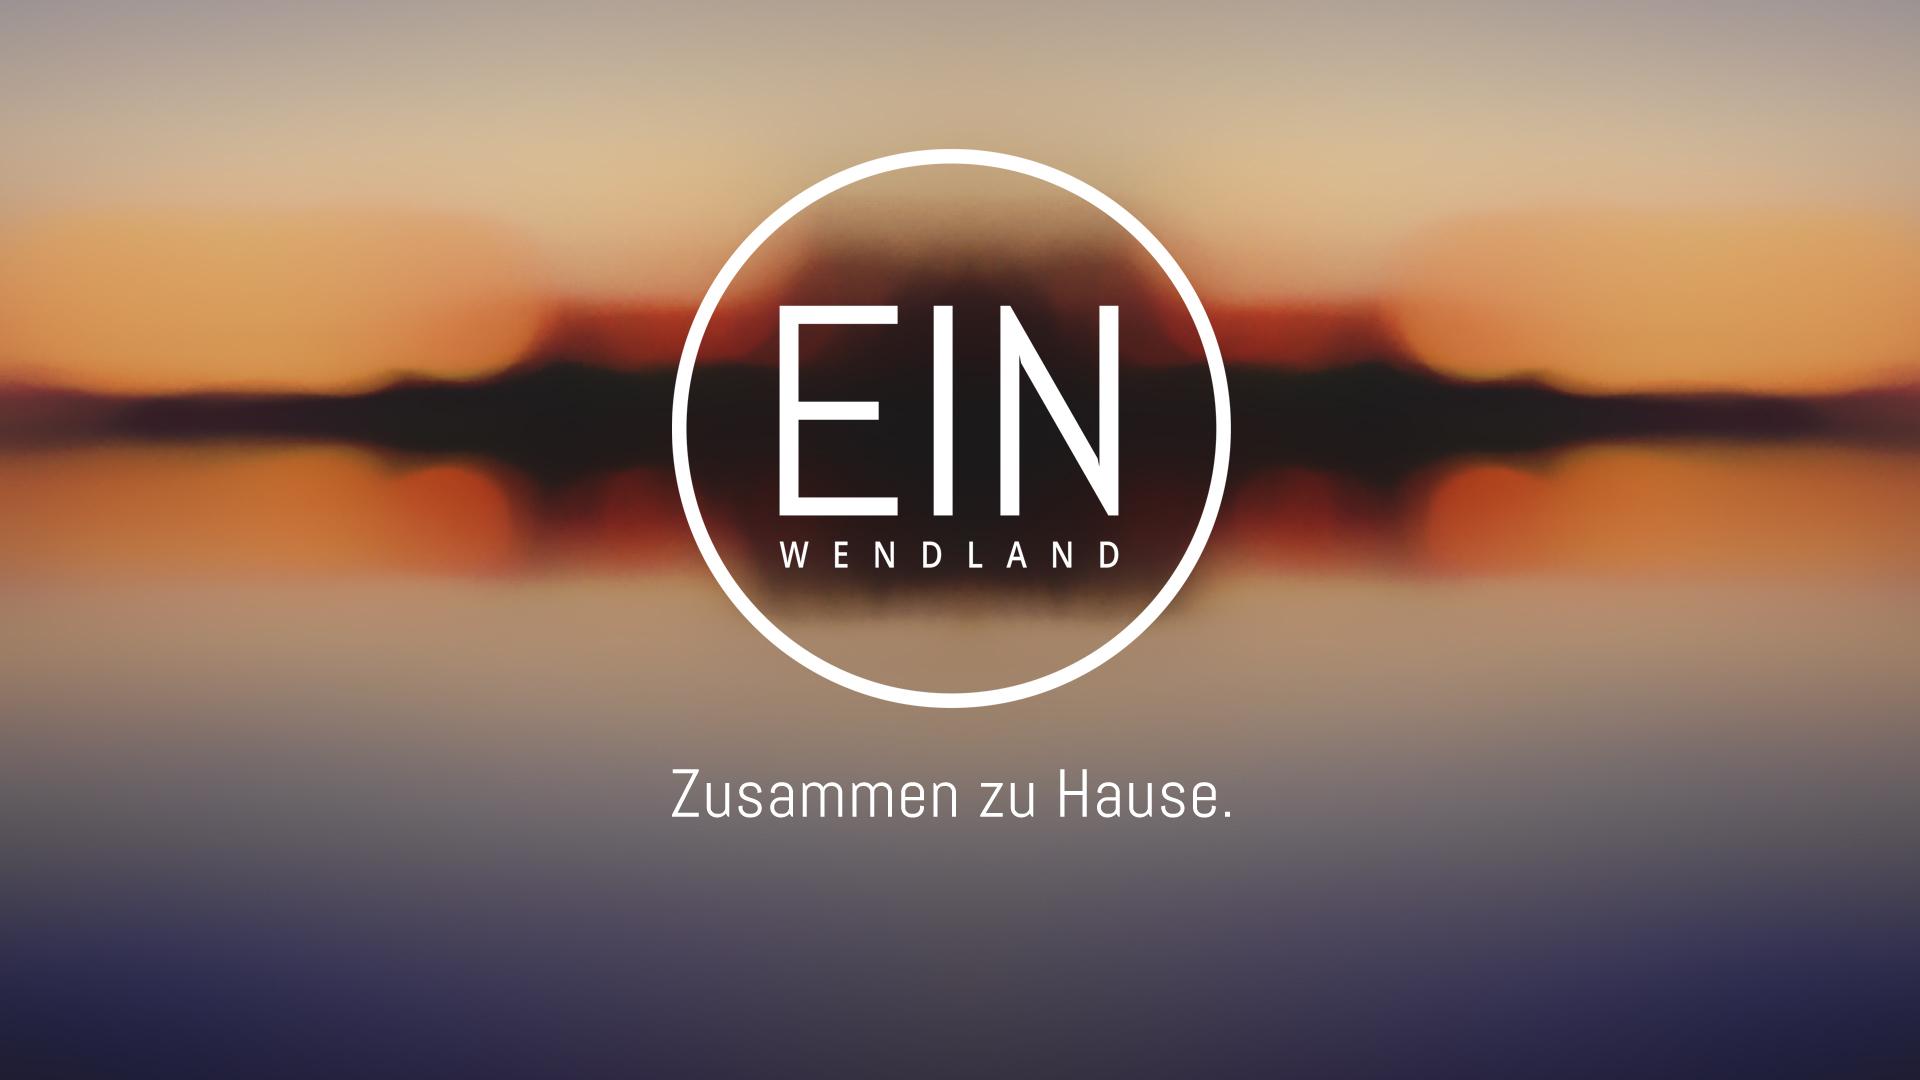 Ein Wendland - Zusammen zu Hause